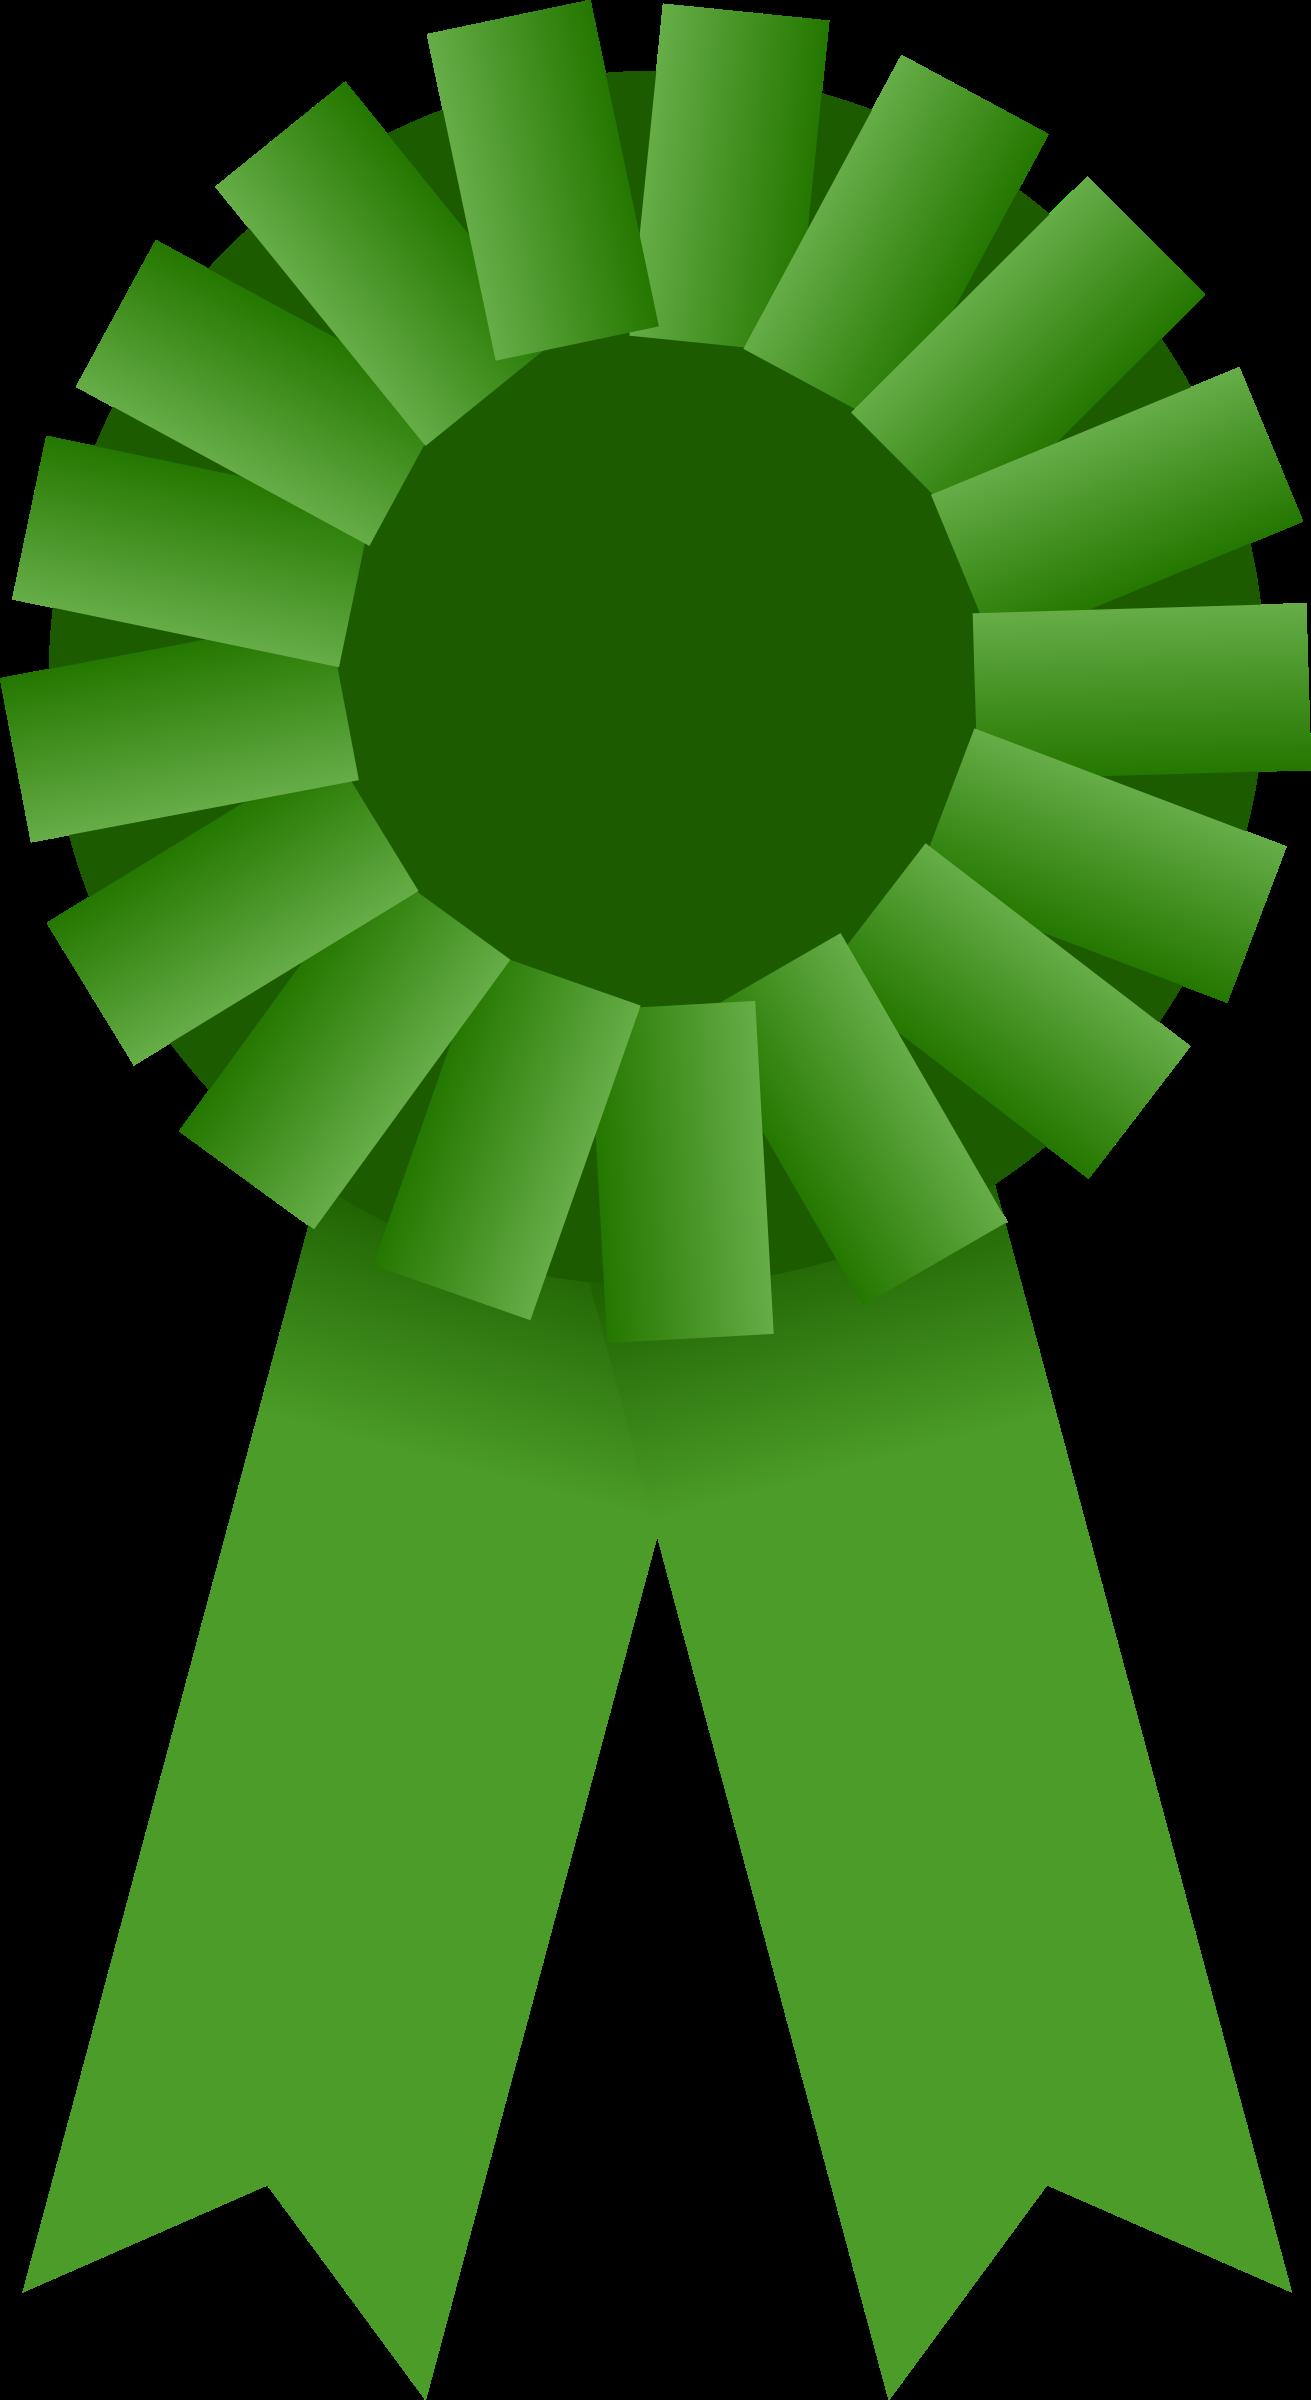 3292 Award free clipart.